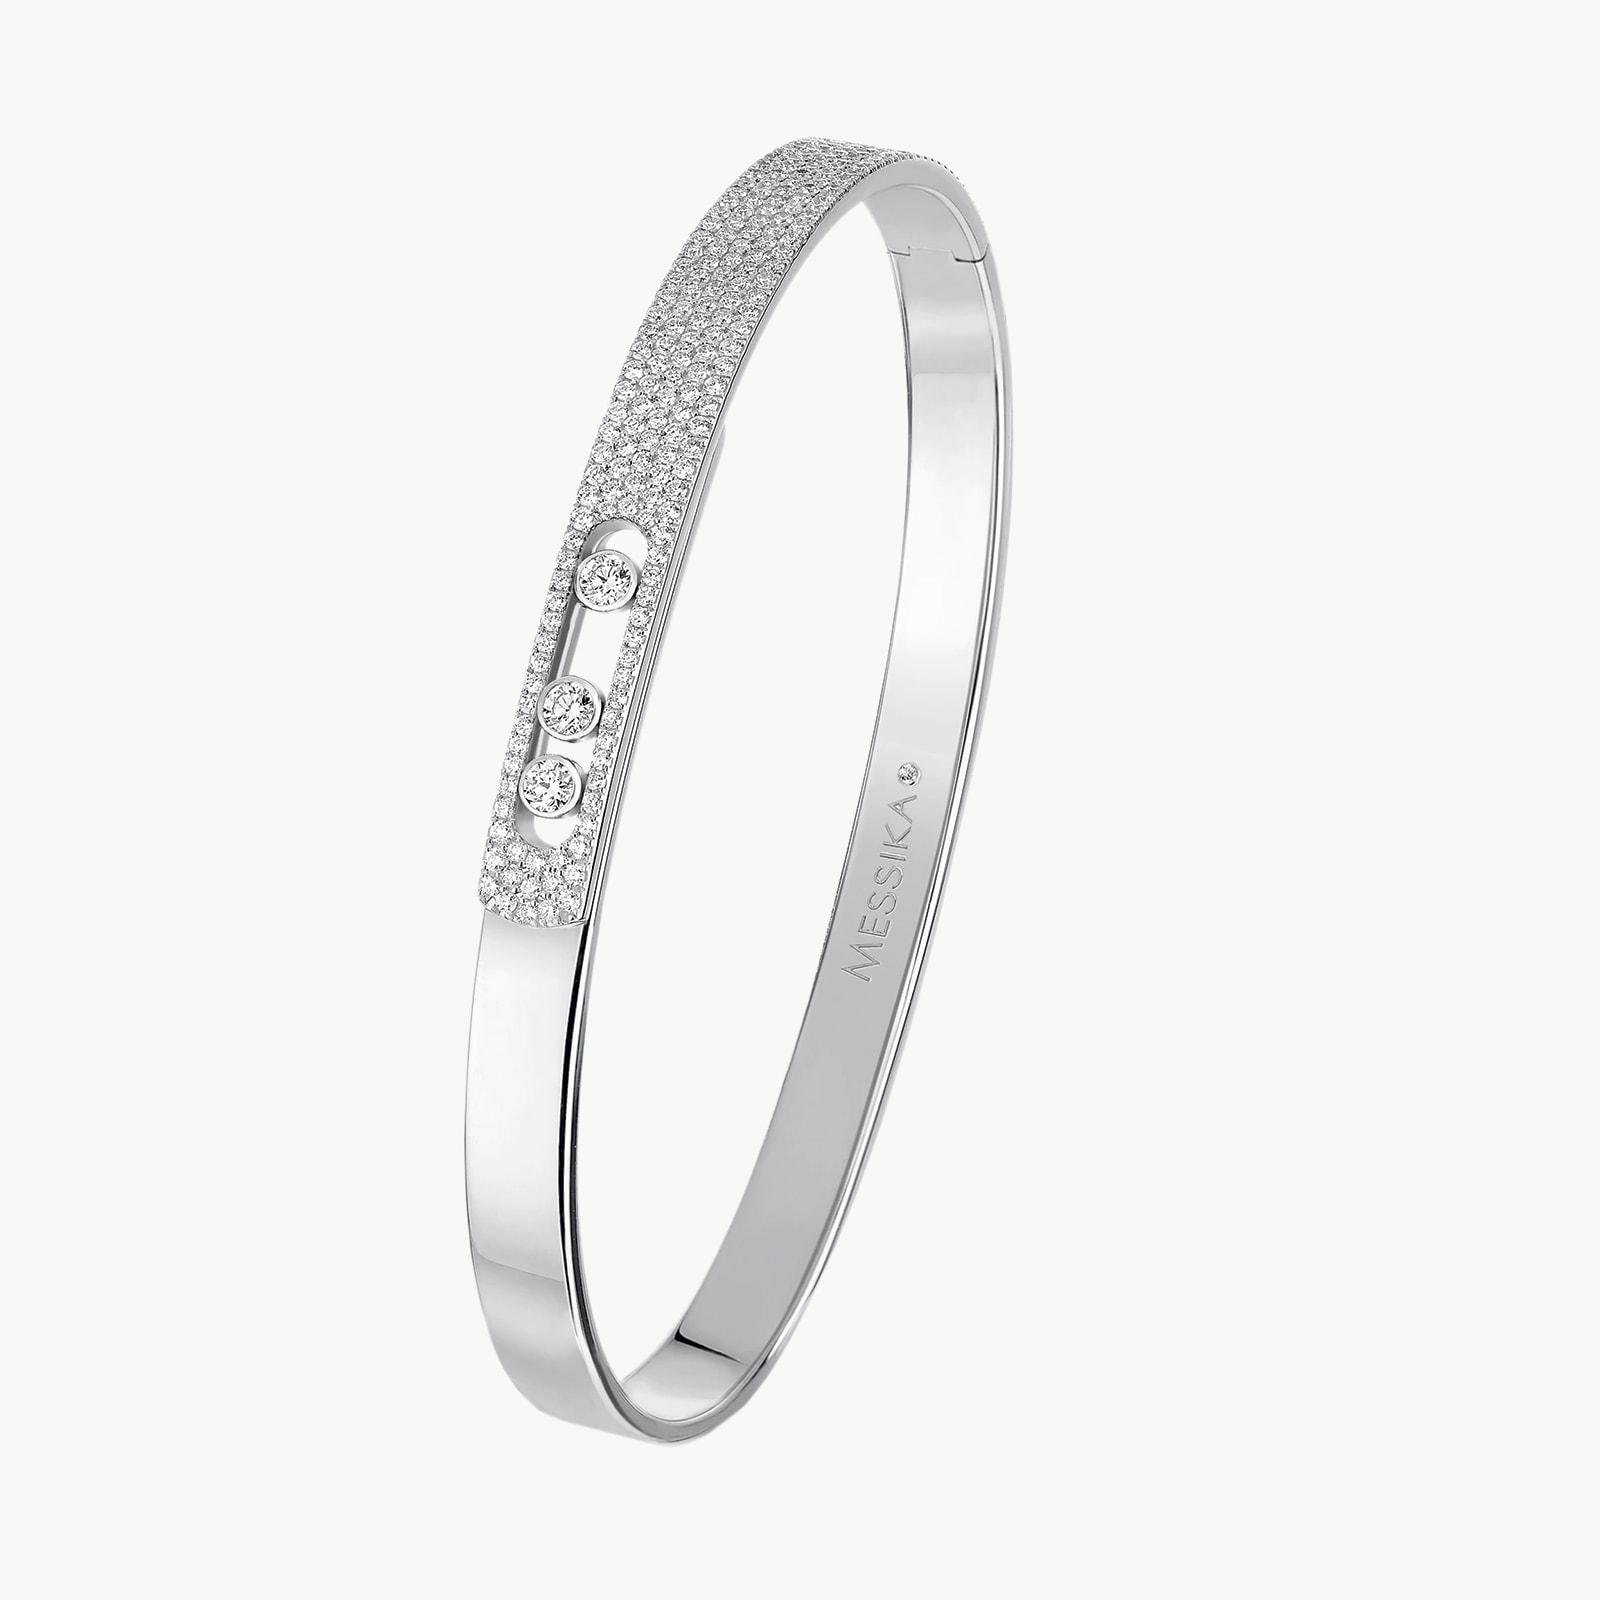 18k White Gold Move Noa Diamond Pave Bangle